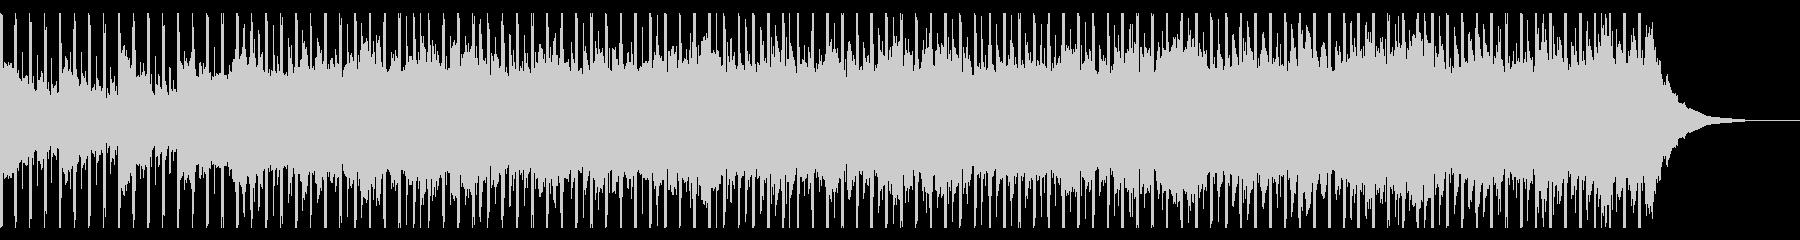 あなたの中のモチベーション(60秒)の未再生の波形